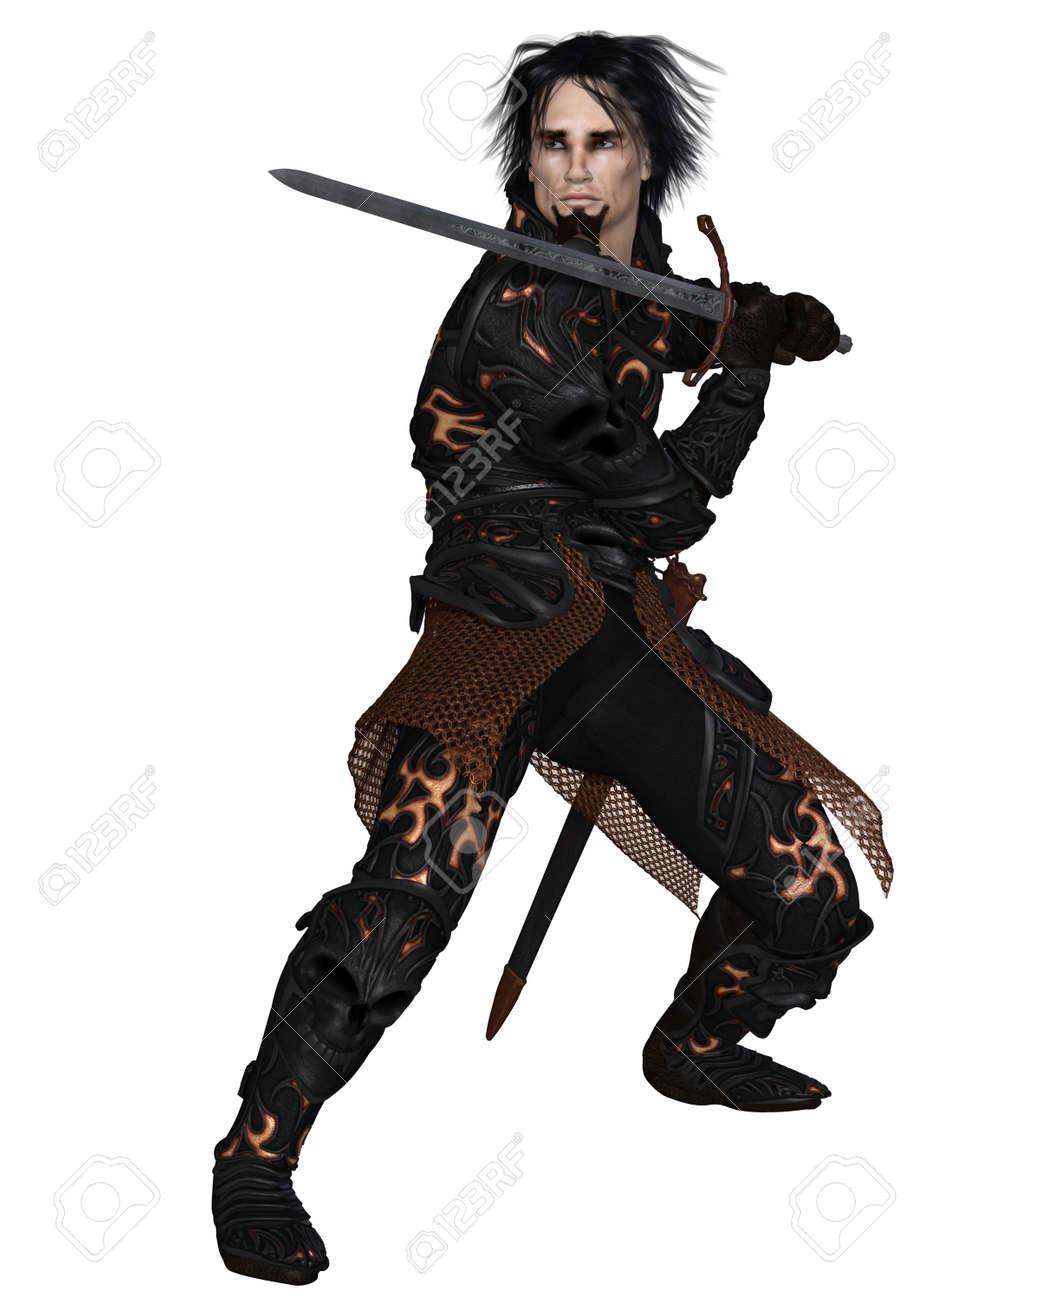 Joueur: Shy Ronnie 17242596-dark-fantasy-guerrier-chevalier-en-armure-cr%C3%A2ne-noir-tenant-une-%C3%A9p%C3%A9e-3d-num%C3%A9riquement-rendu-illustration